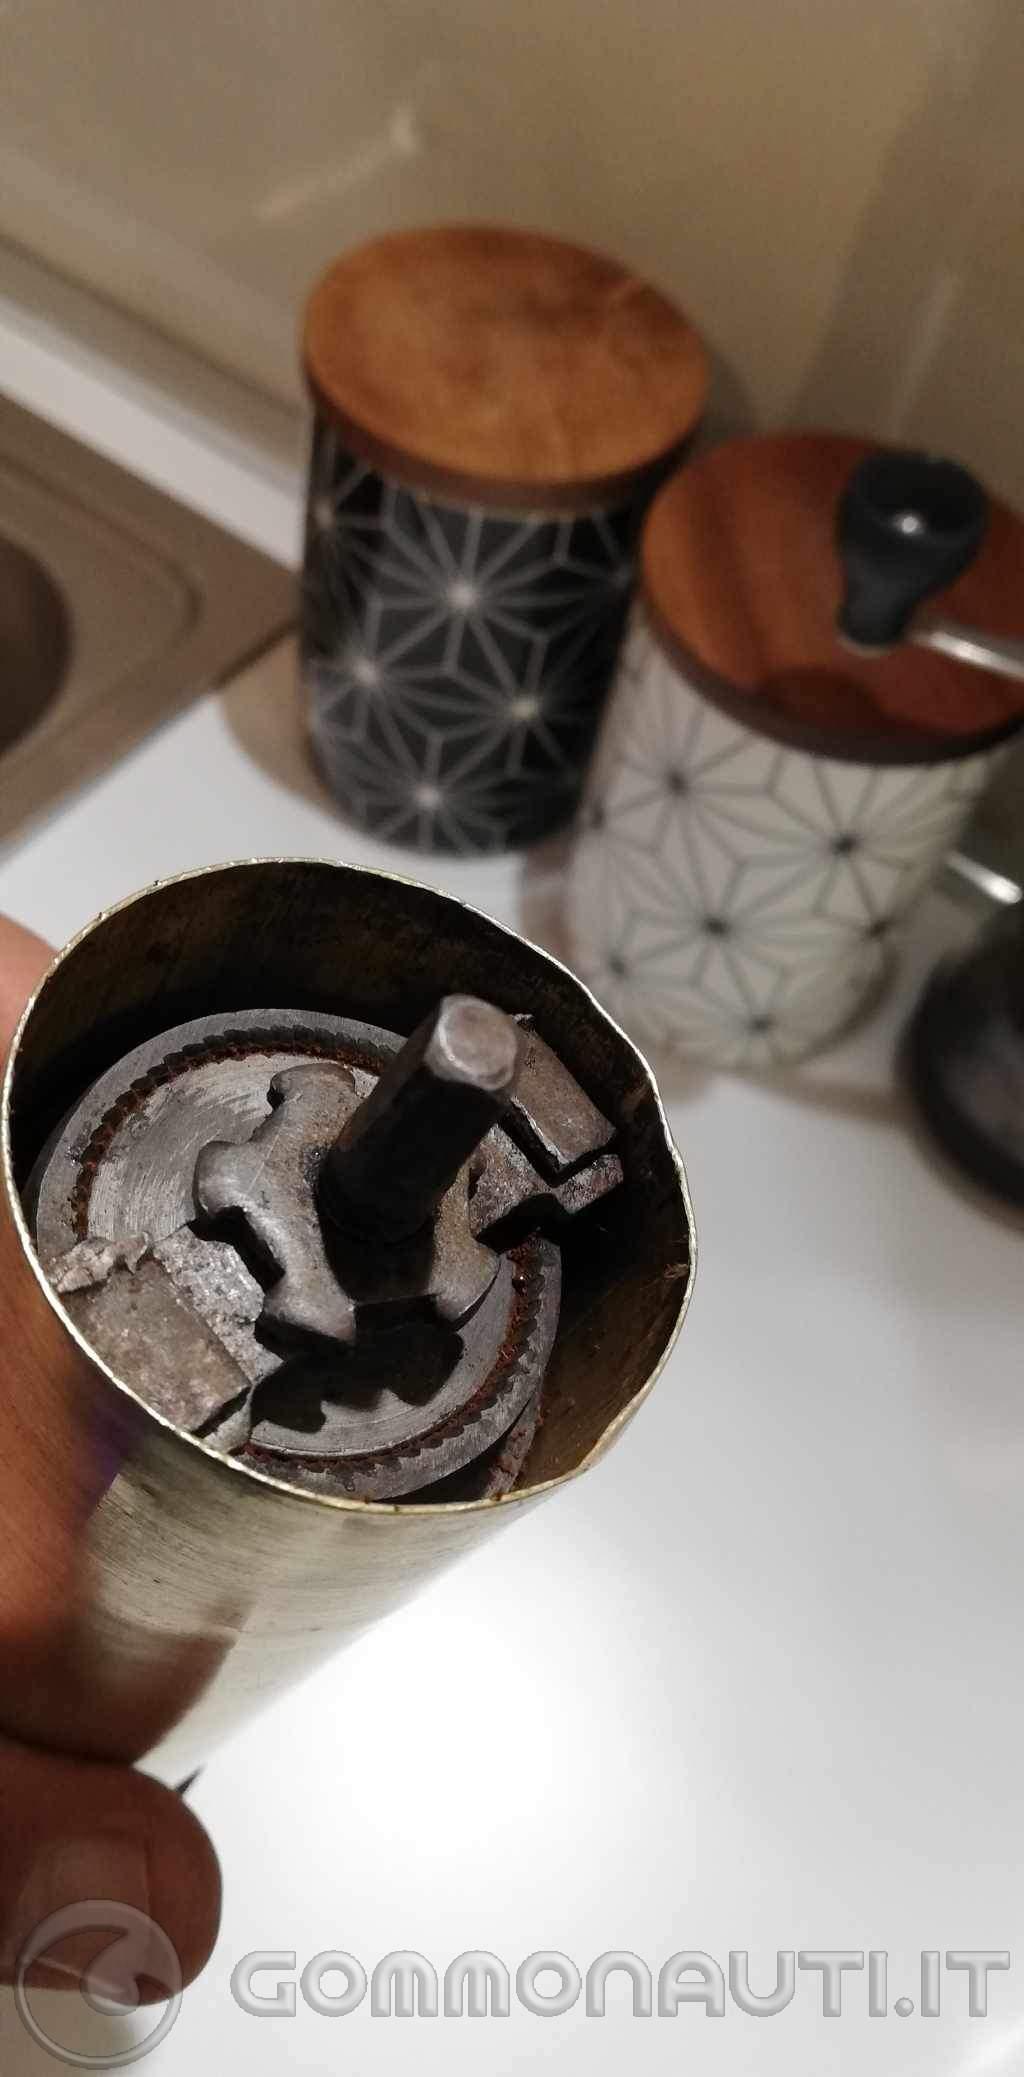 re: Macchina del caffè a leva. Nuovo acquisto